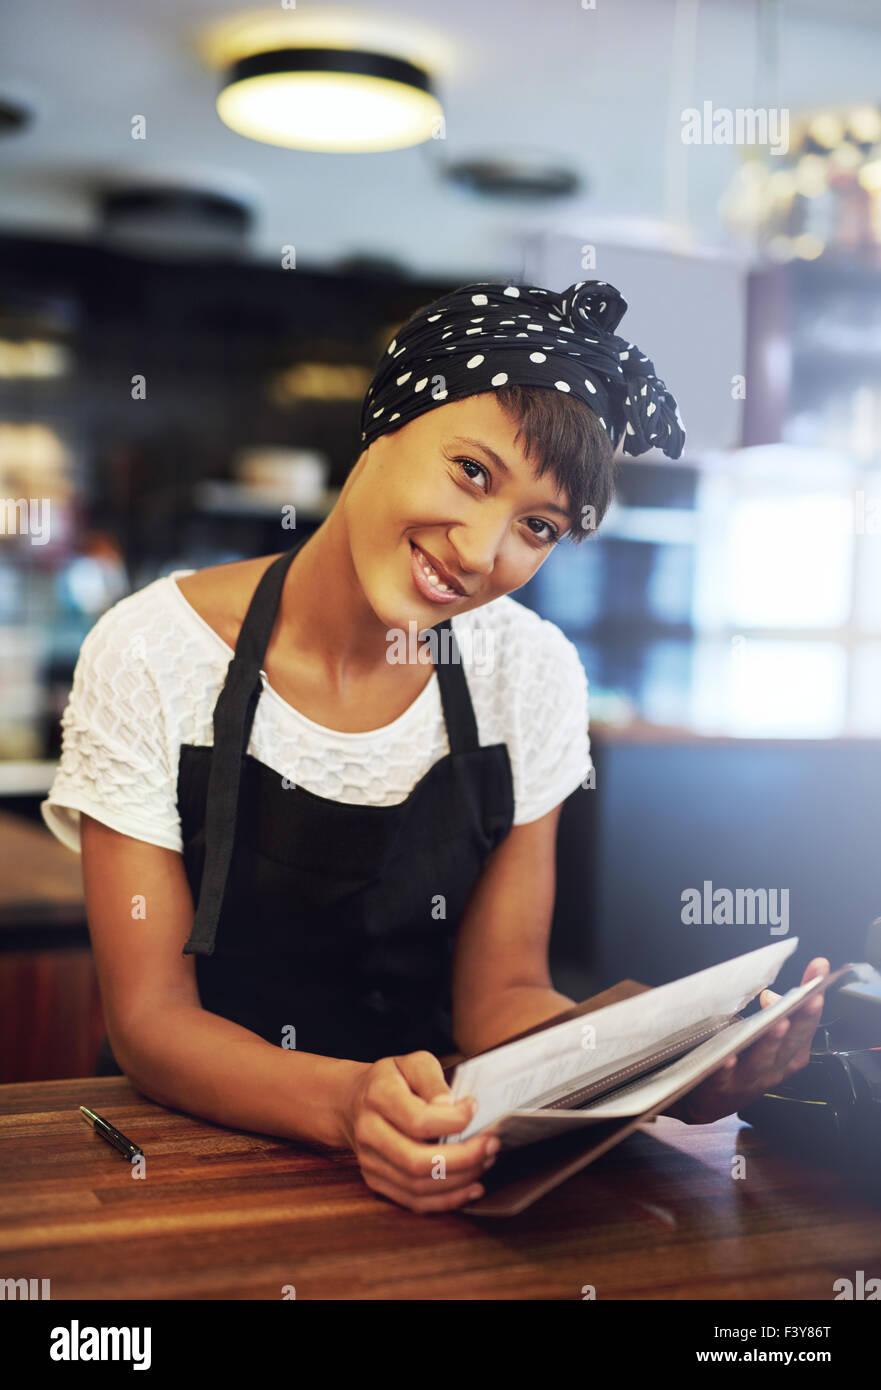 Sorridente giovane coffee house proprietario in piedi dietro il contatore in un grembiule inclinato in avanti per Immagini Stock